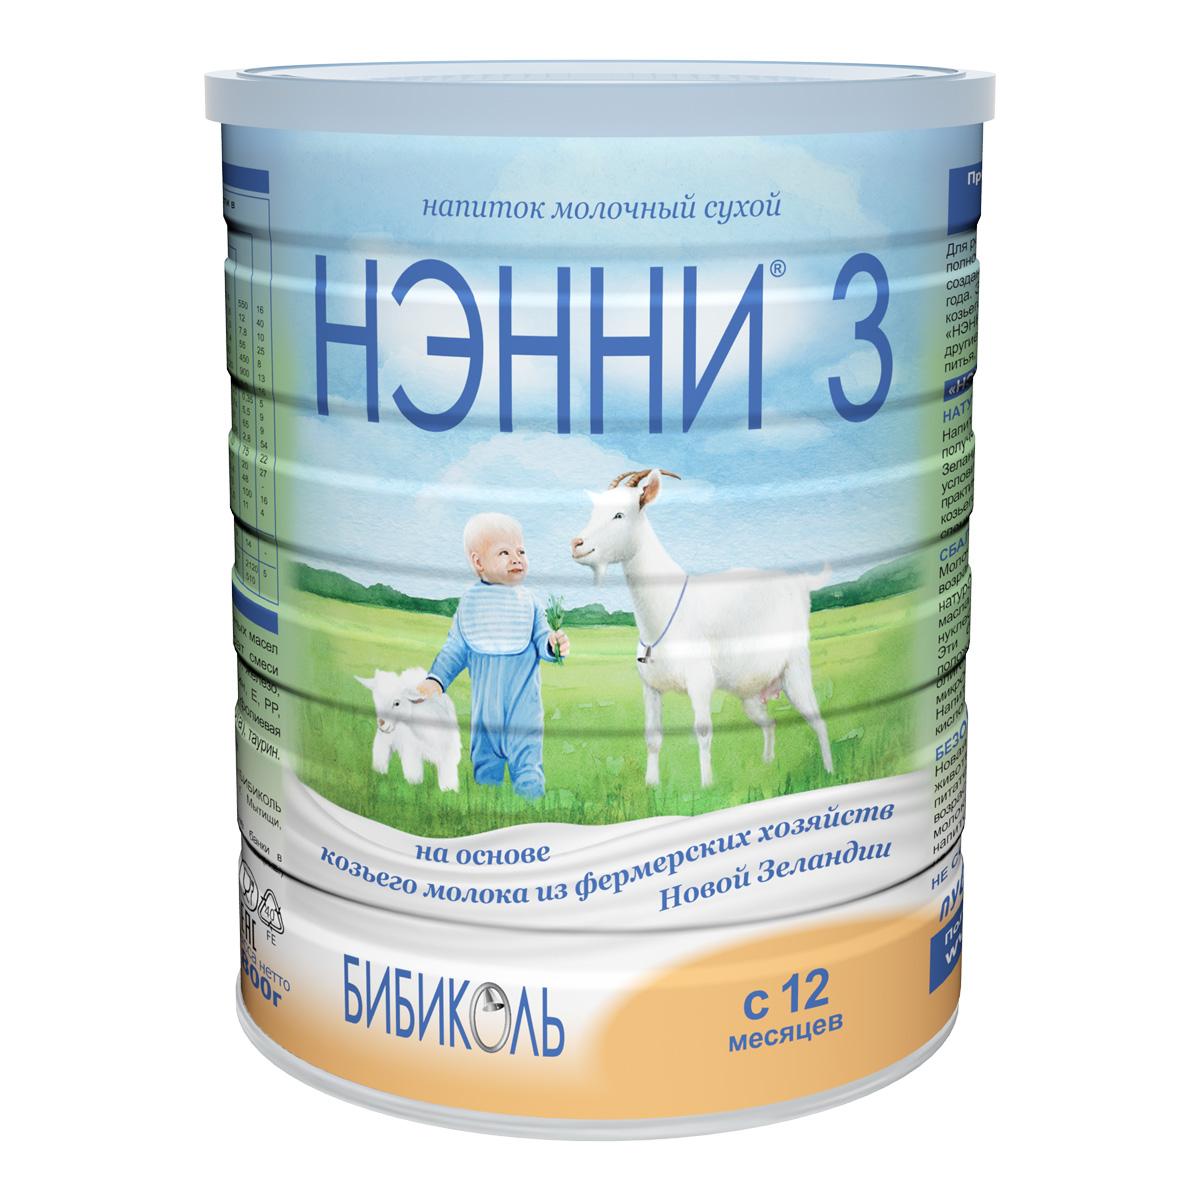 http://www.mladenec-shop.ru/upload/1/a/6/6/dU9GY7vY.jpg